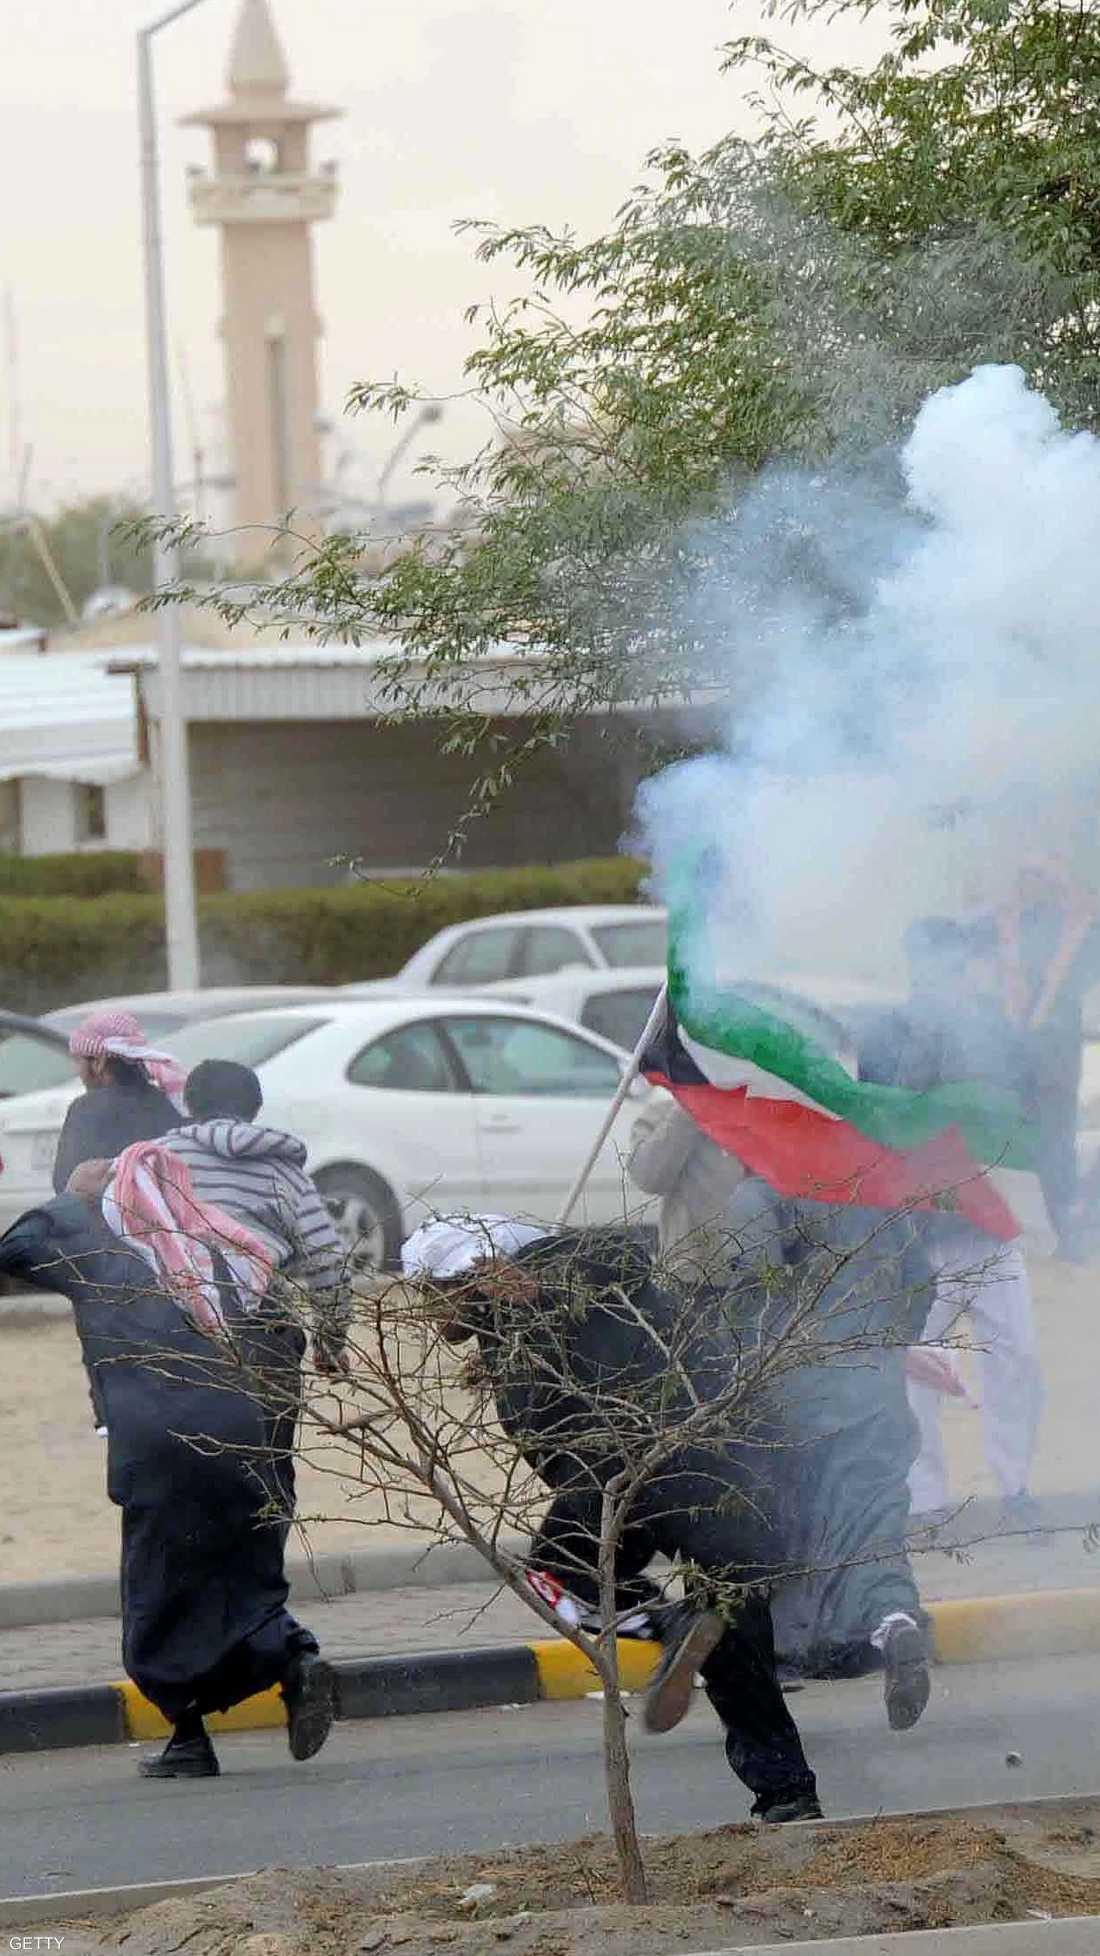 احتجاجات البدون كانت في استقبال عام 2012 بالكويت